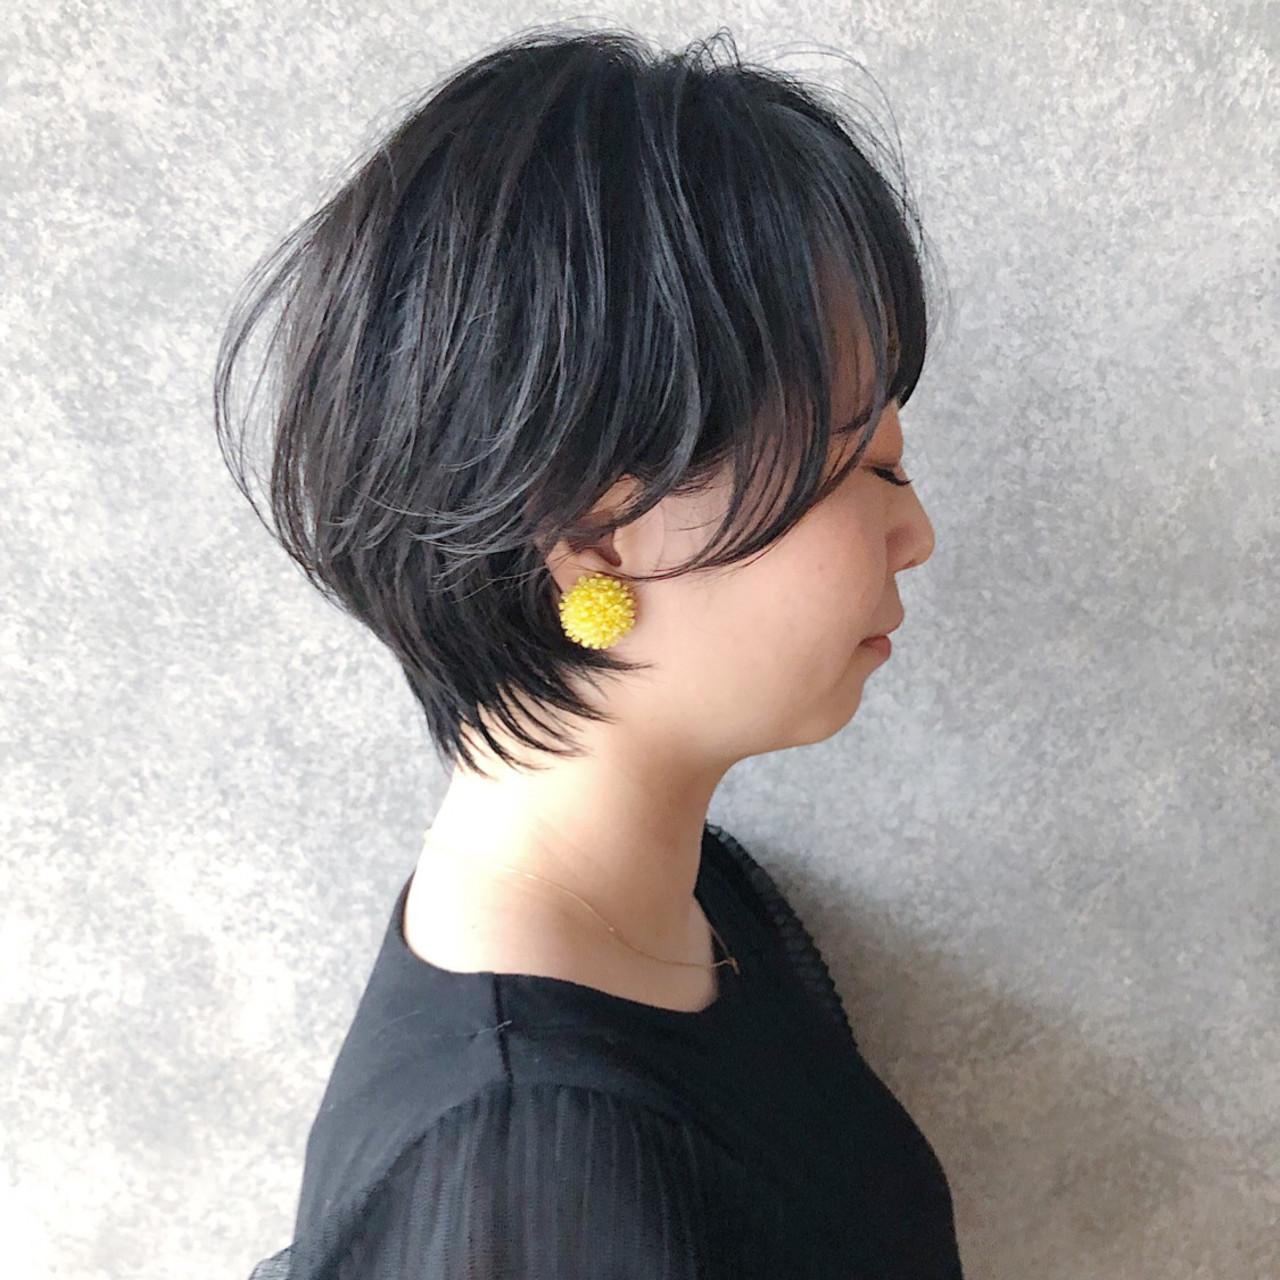 大人かわいい アンニュイほつれヘア 縮毛矯正 ストレート ヘアスタイルや髪型の写真・画像